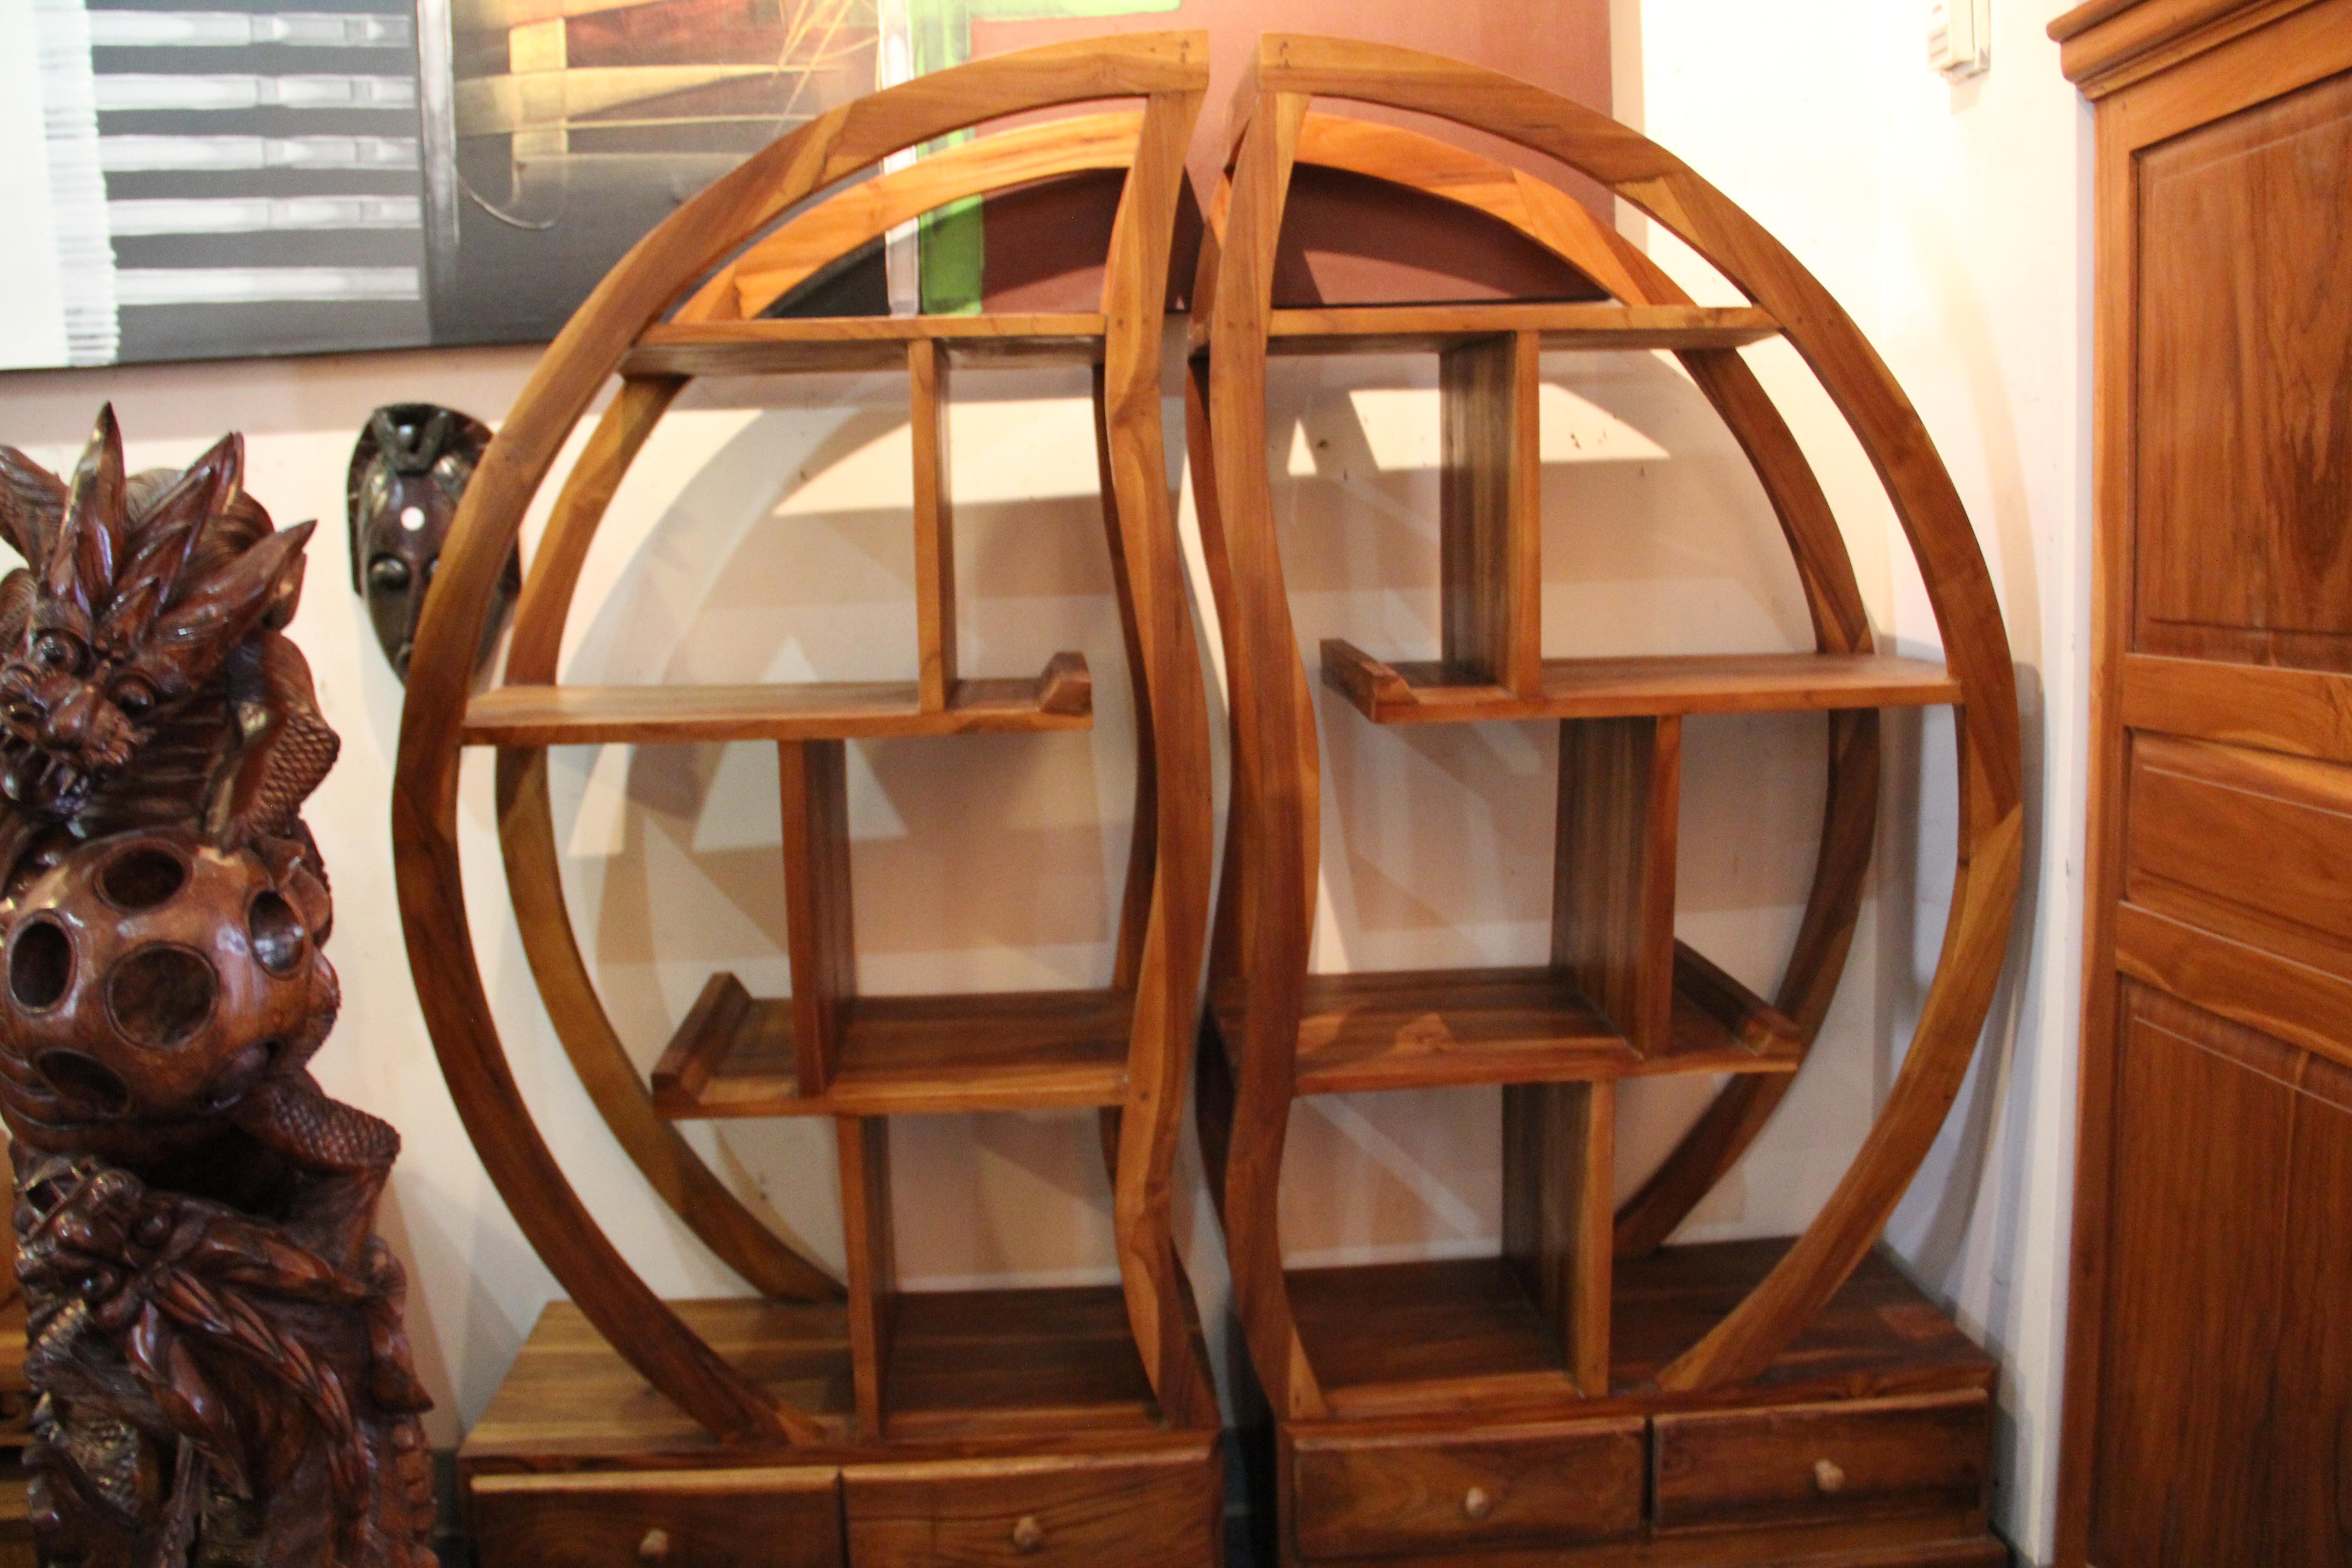 Ying-Yang Shelves